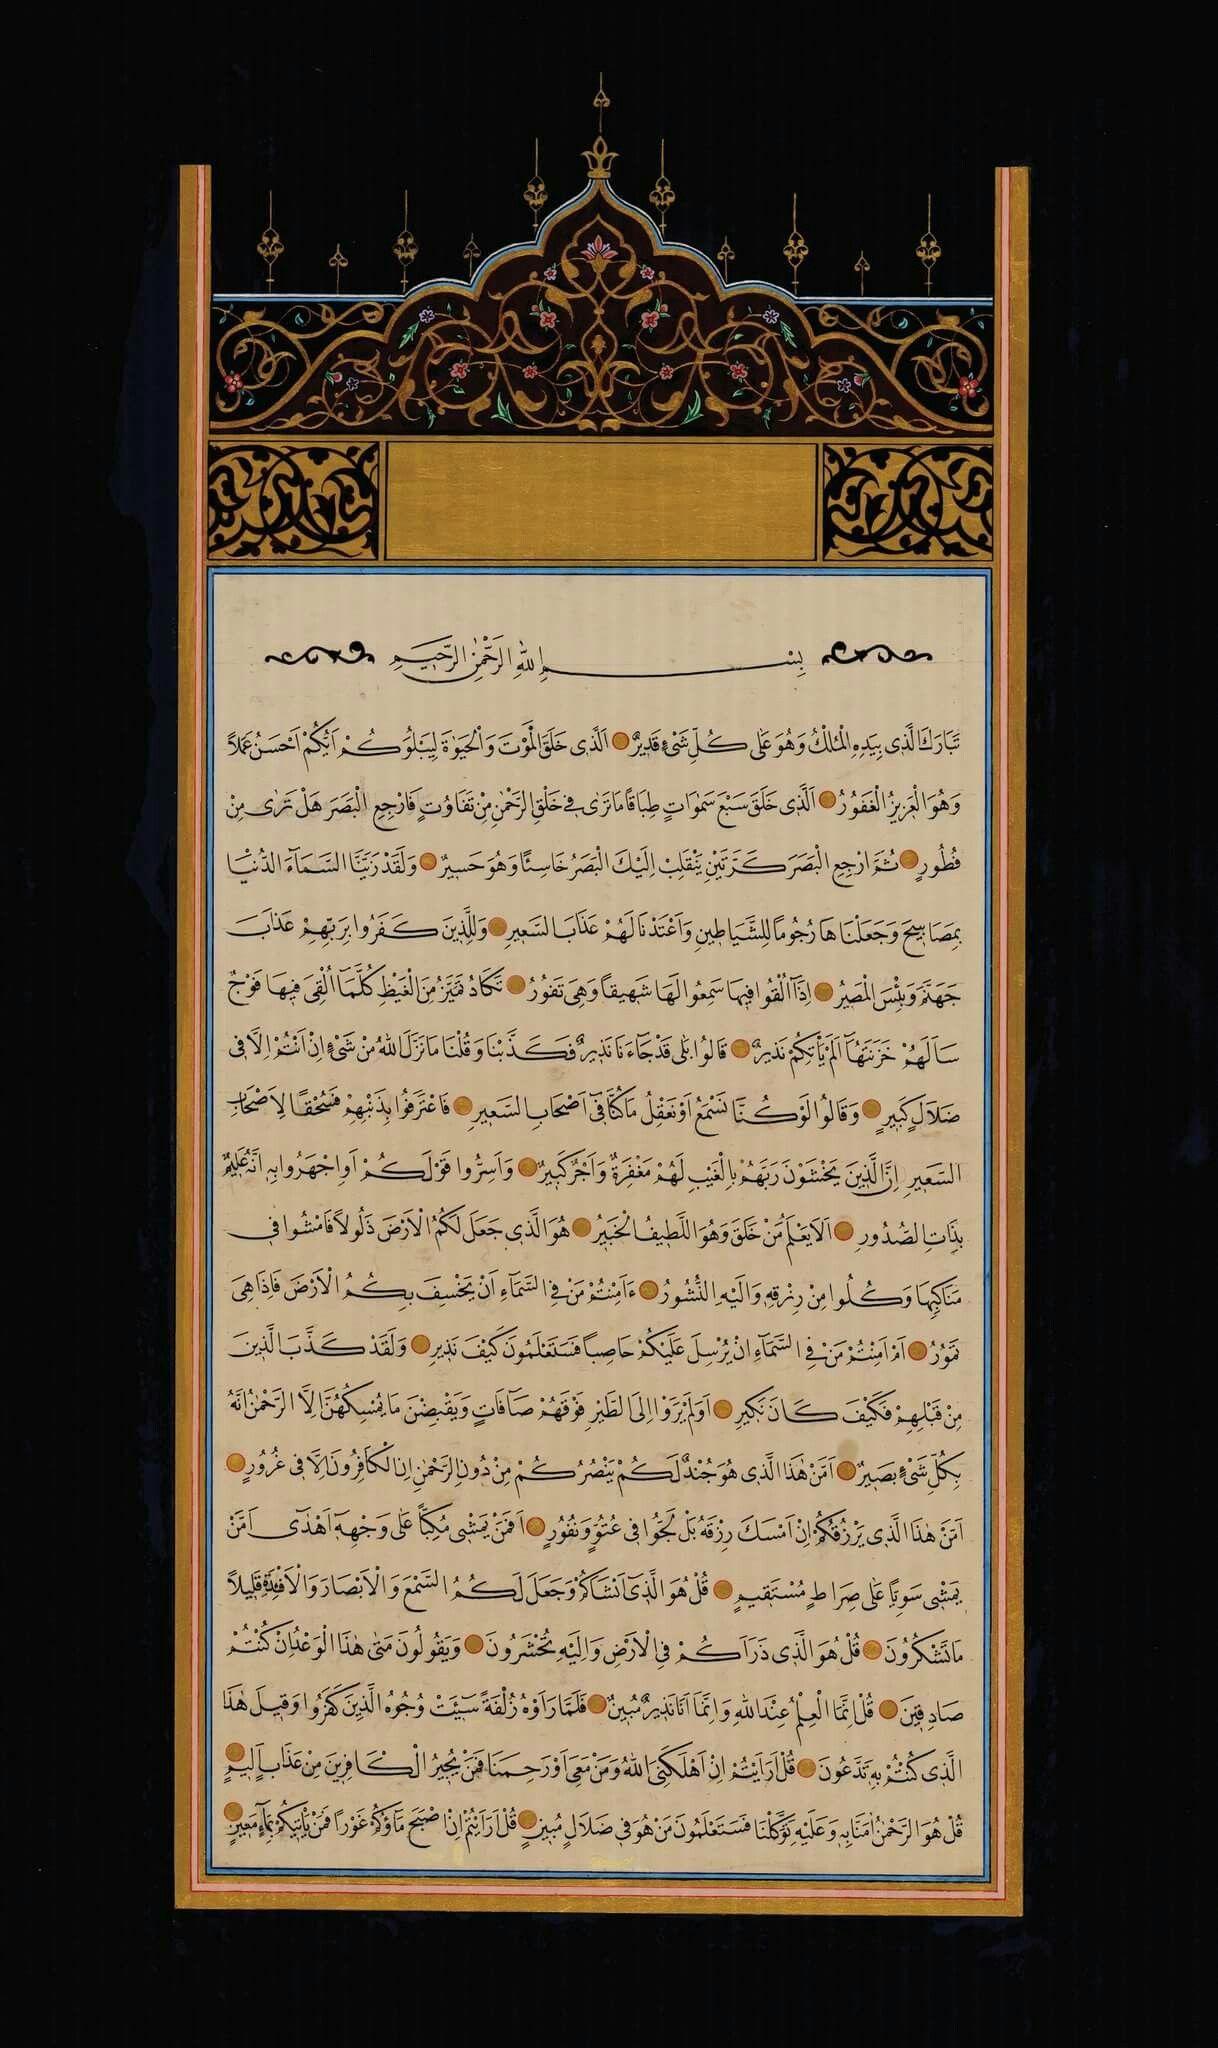 سورة الملك في صفحة واحدة لقراءتها قبل النوم Quran Quotes Decor Frame